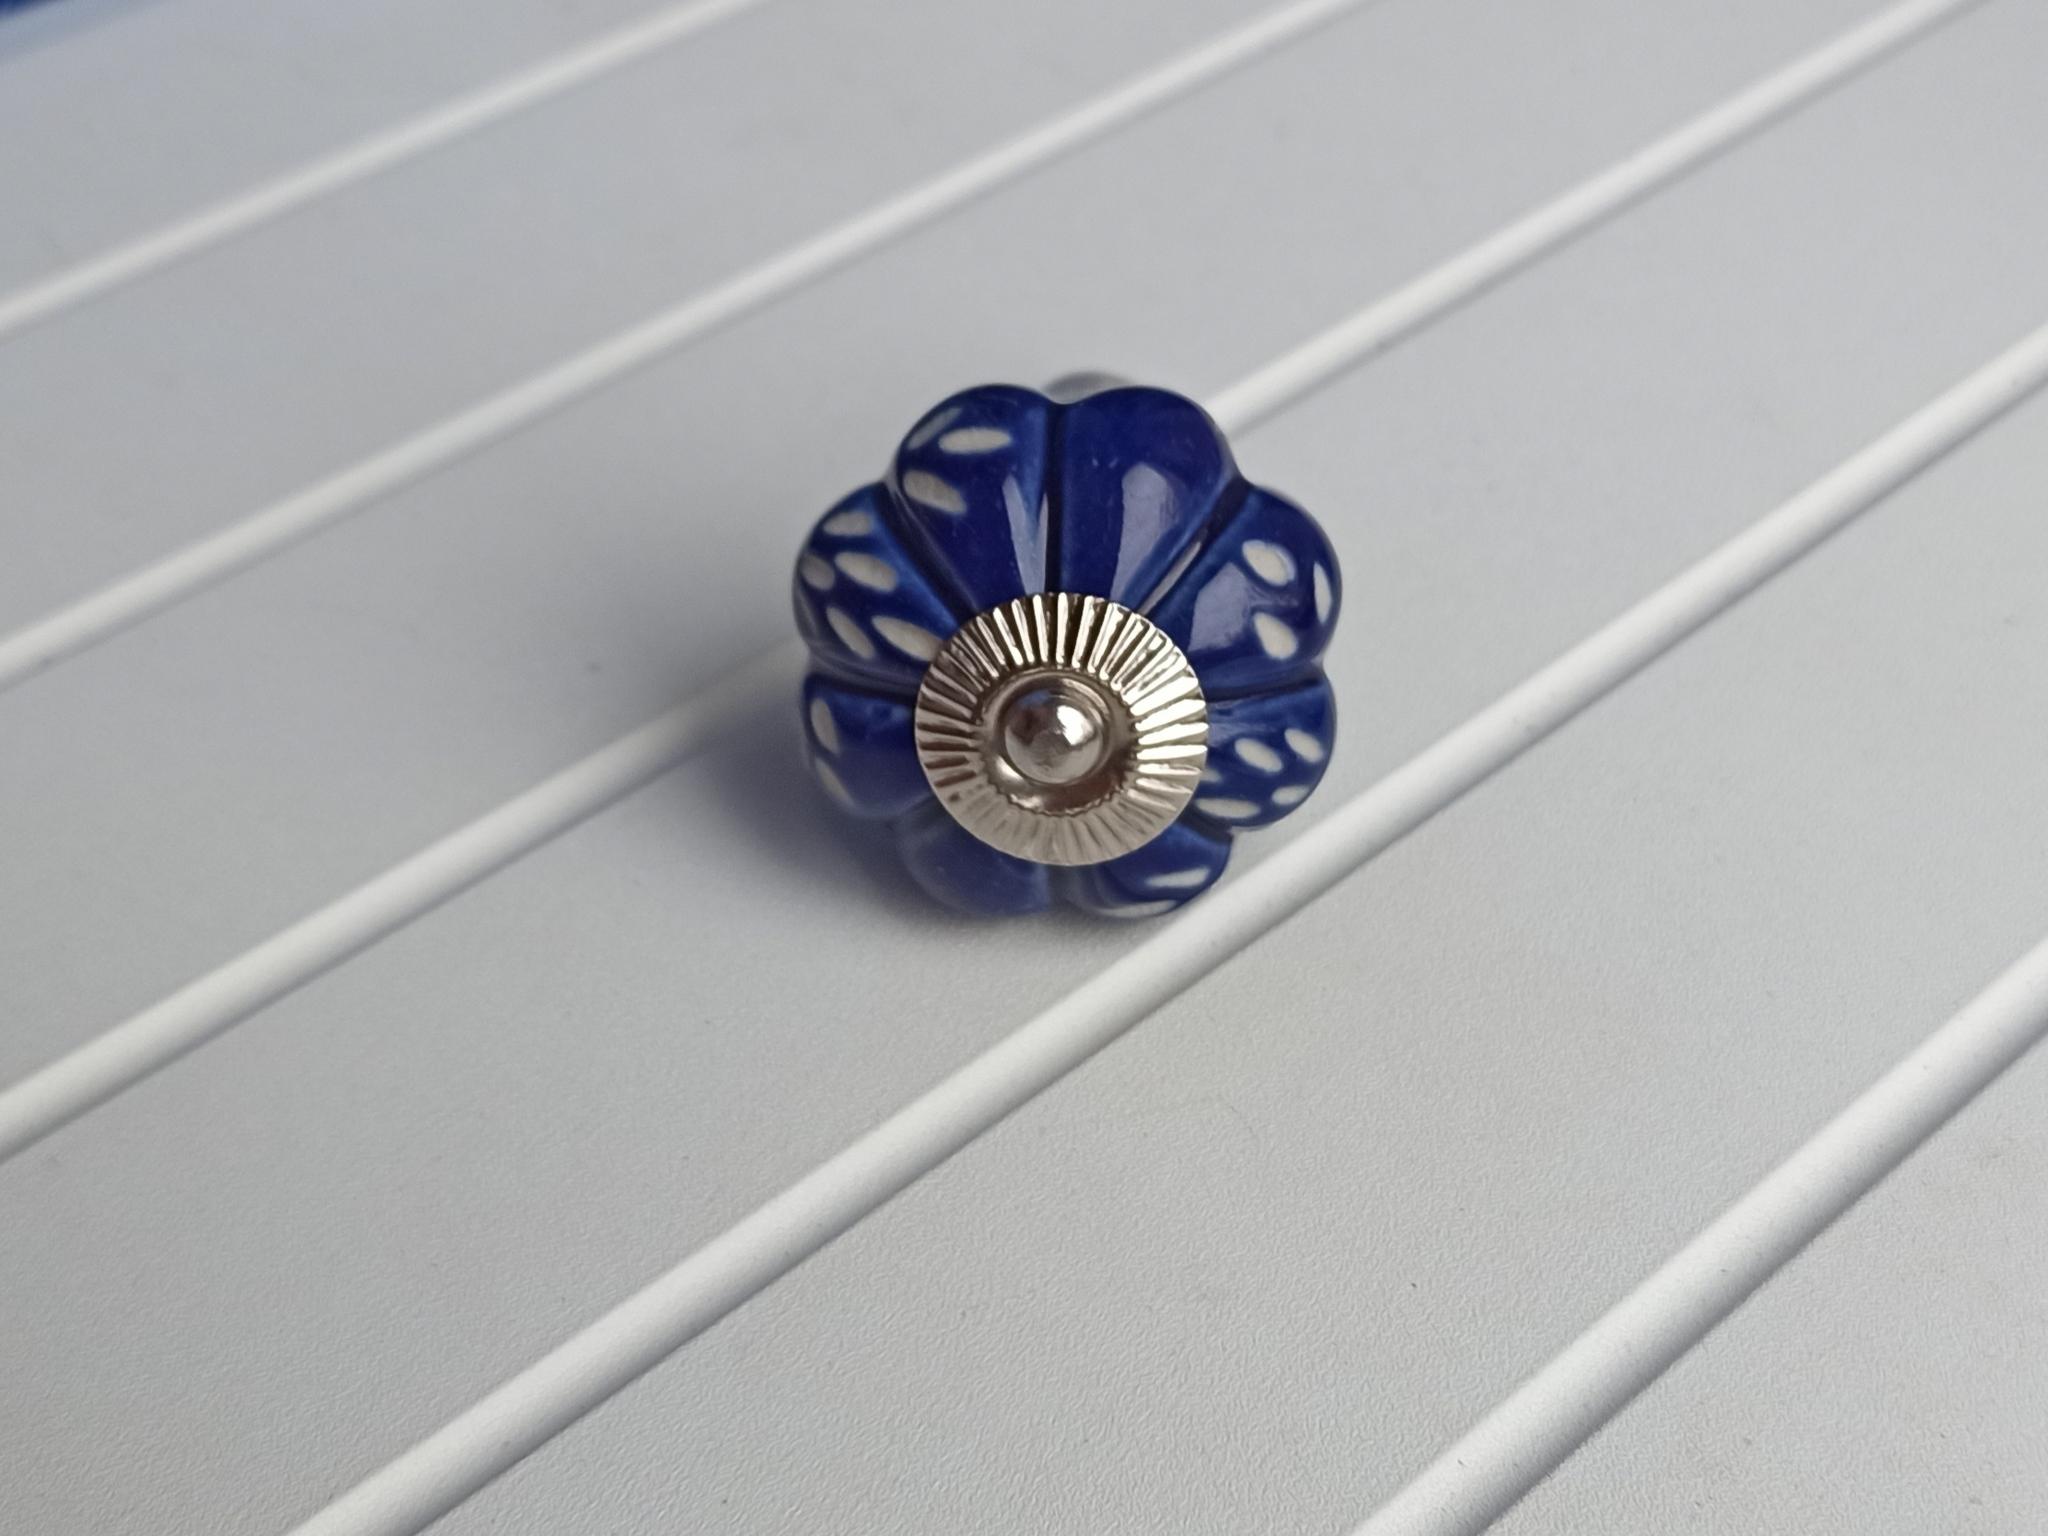 Ручка мебельная керамическая синяя с цветочным узором, арт. 00001060